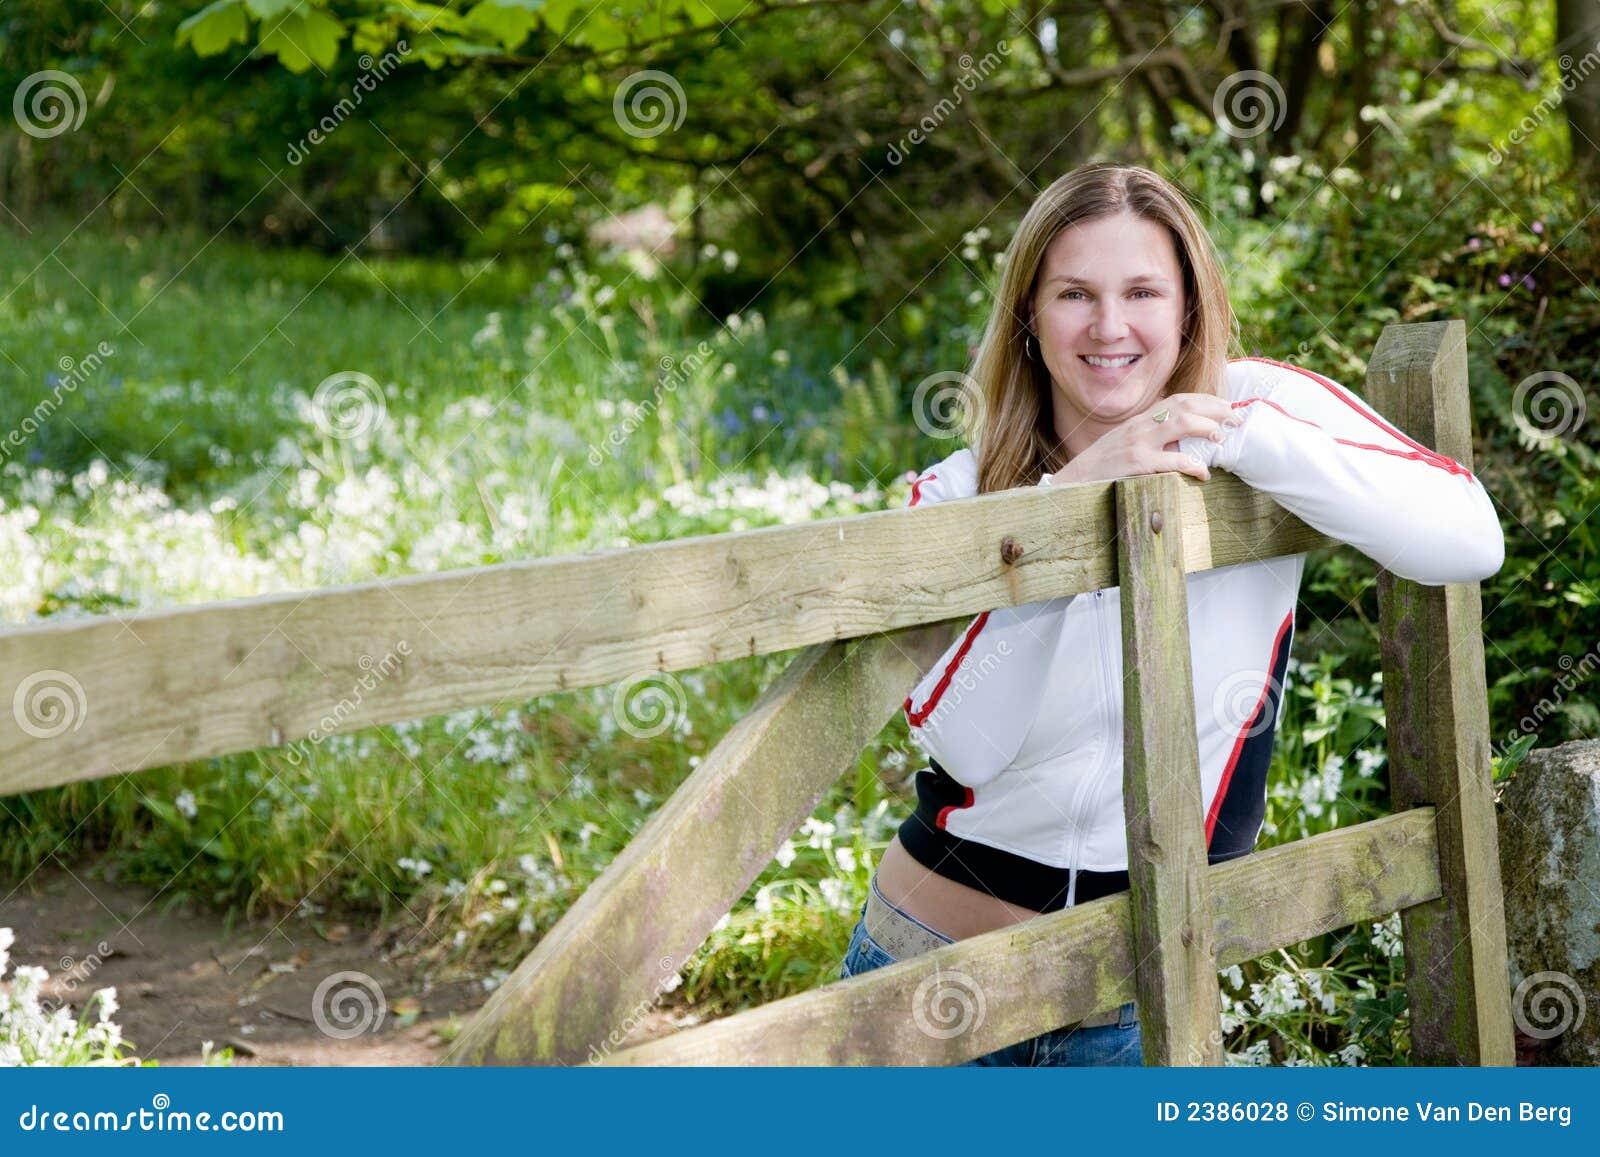 Sobre a cerca